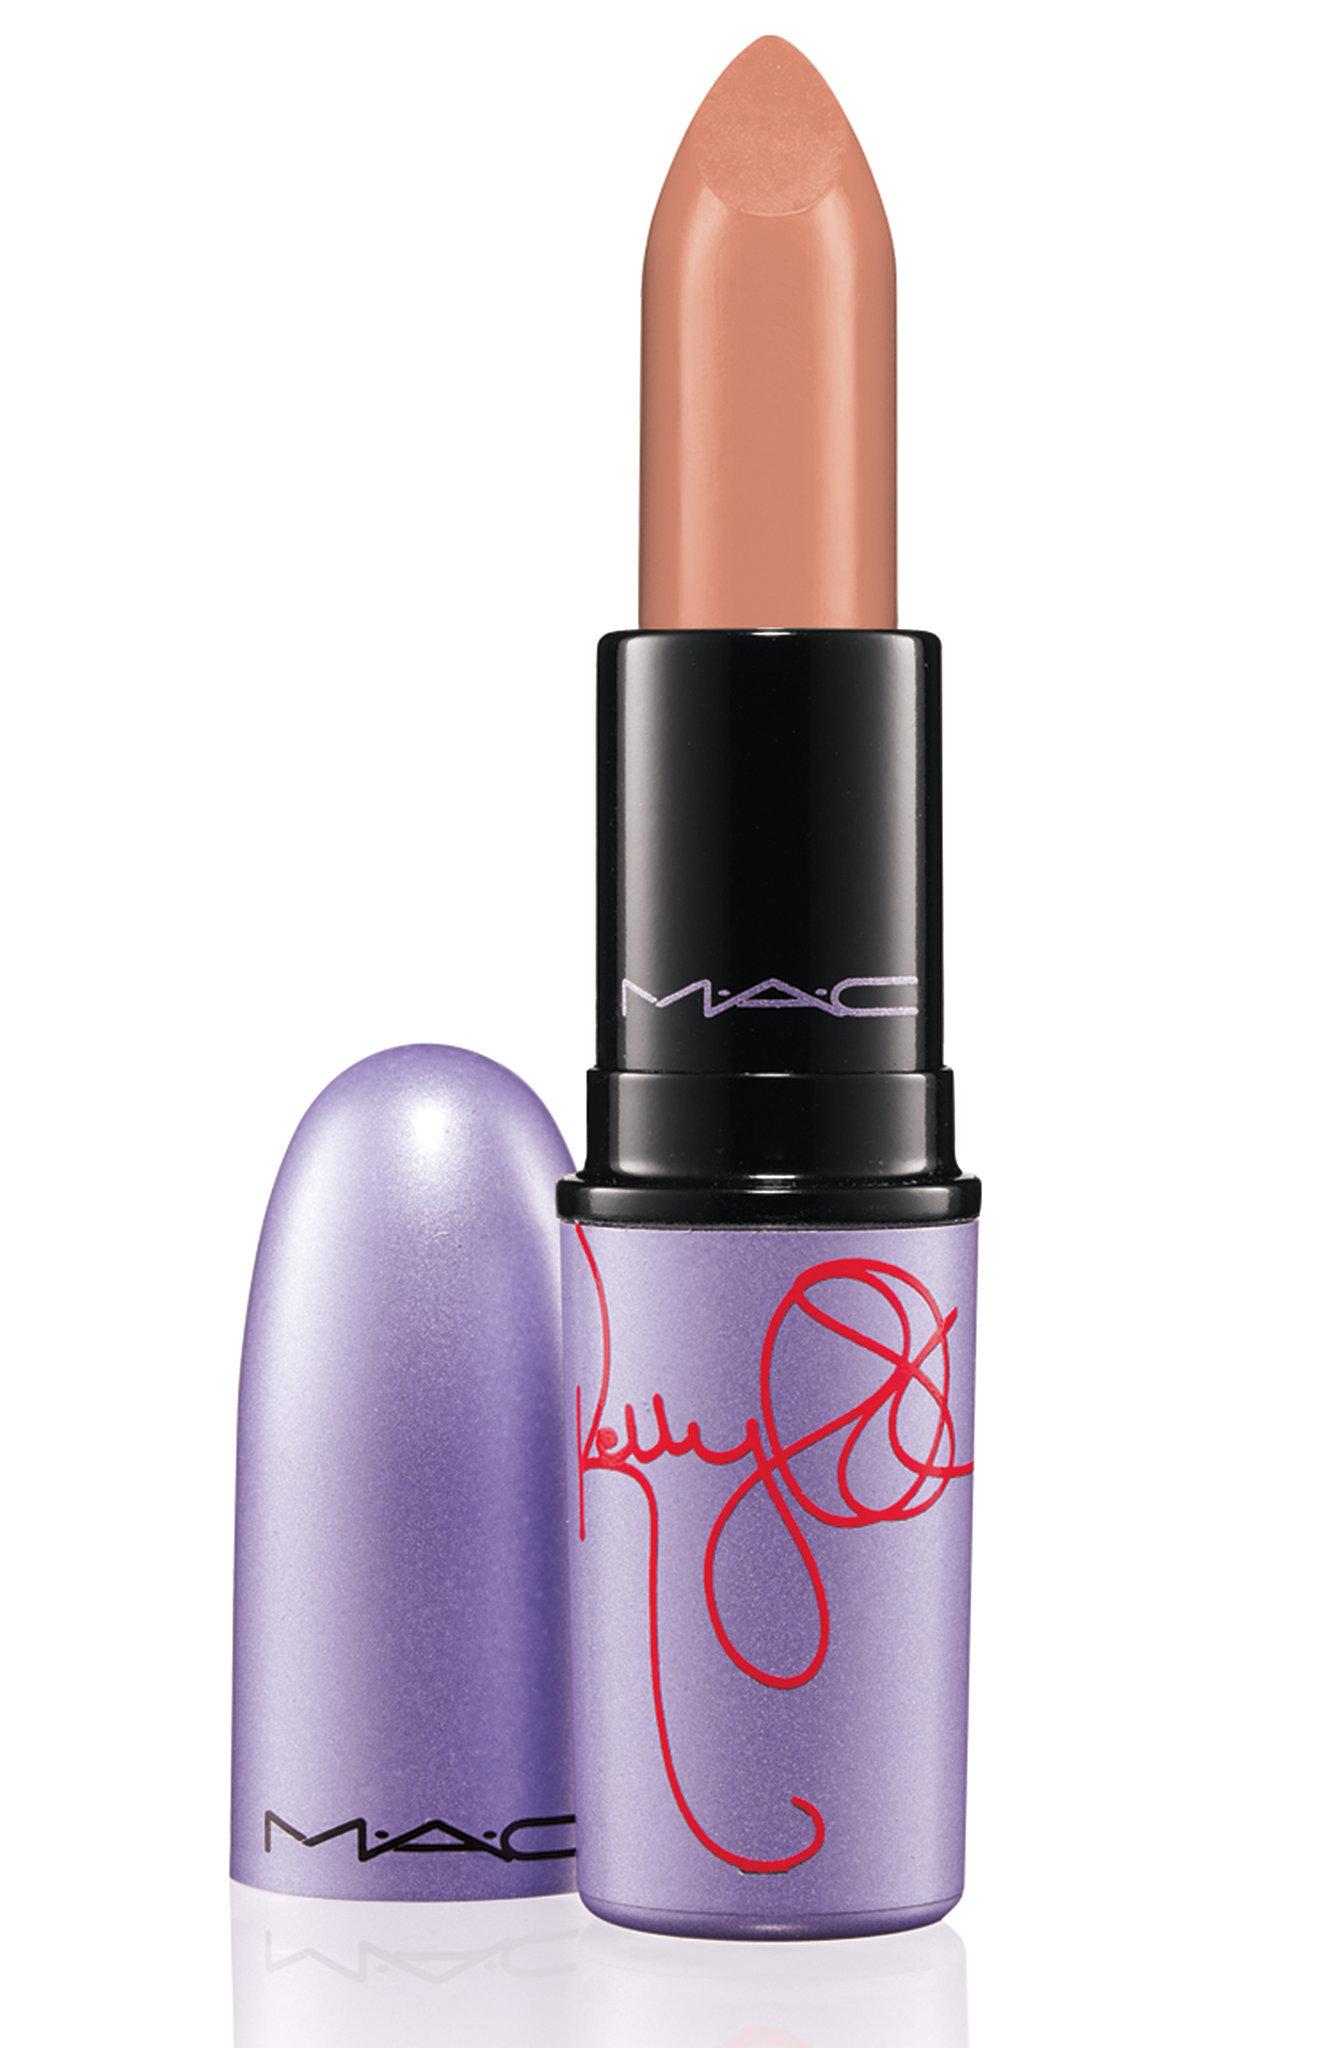 Kelly Osbourne Lipstick in Strip Poker ($18)